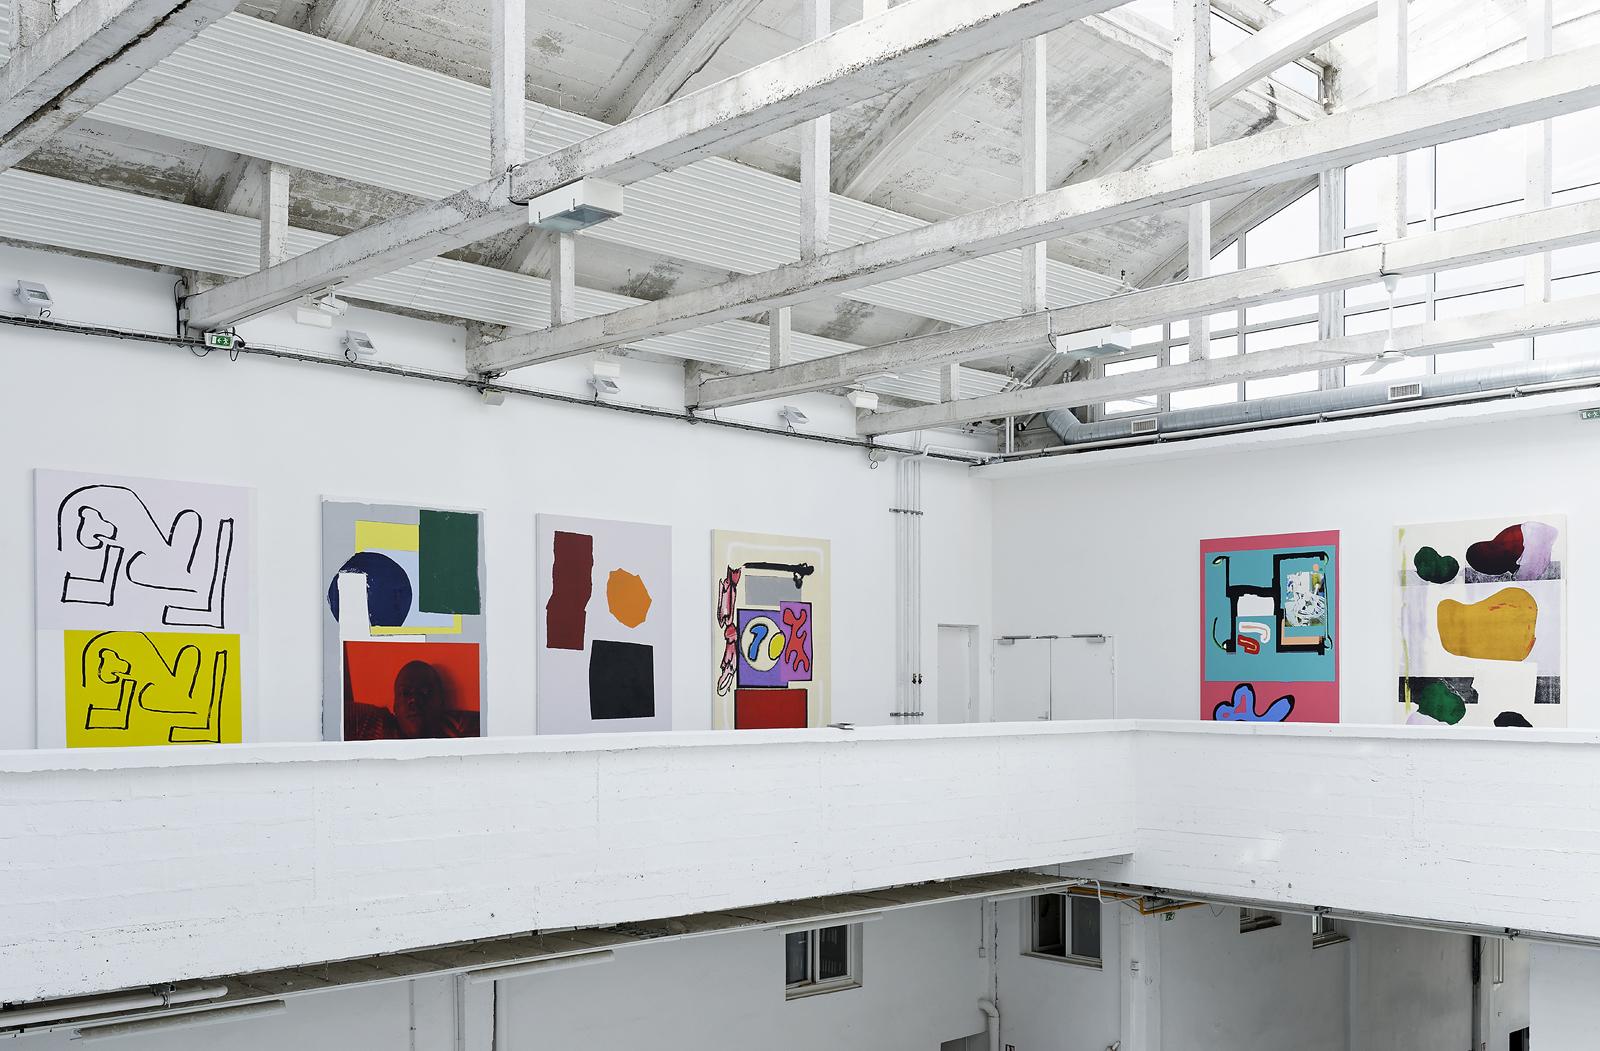 Peindre l'algorithme : Linus Bill et Adrien Horni s'exposent à Brest